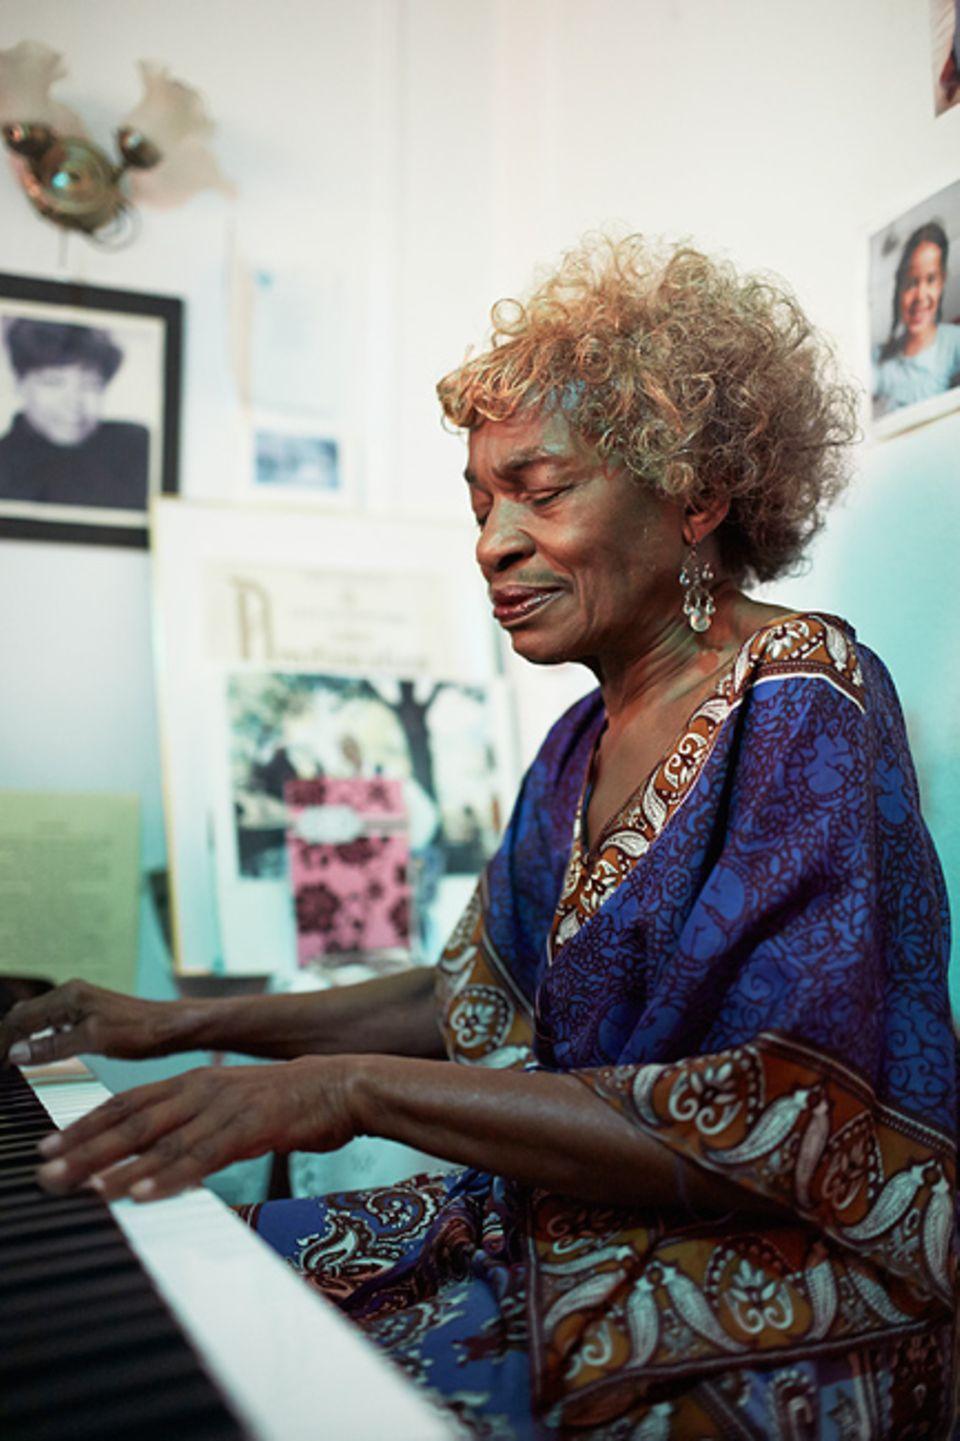 Städtereise: Sie ist die Grand Dame des Jazz in Harlem. Marjorie Eliot lädt jeden Sonntag zum Konzert ins Wohnzimmer